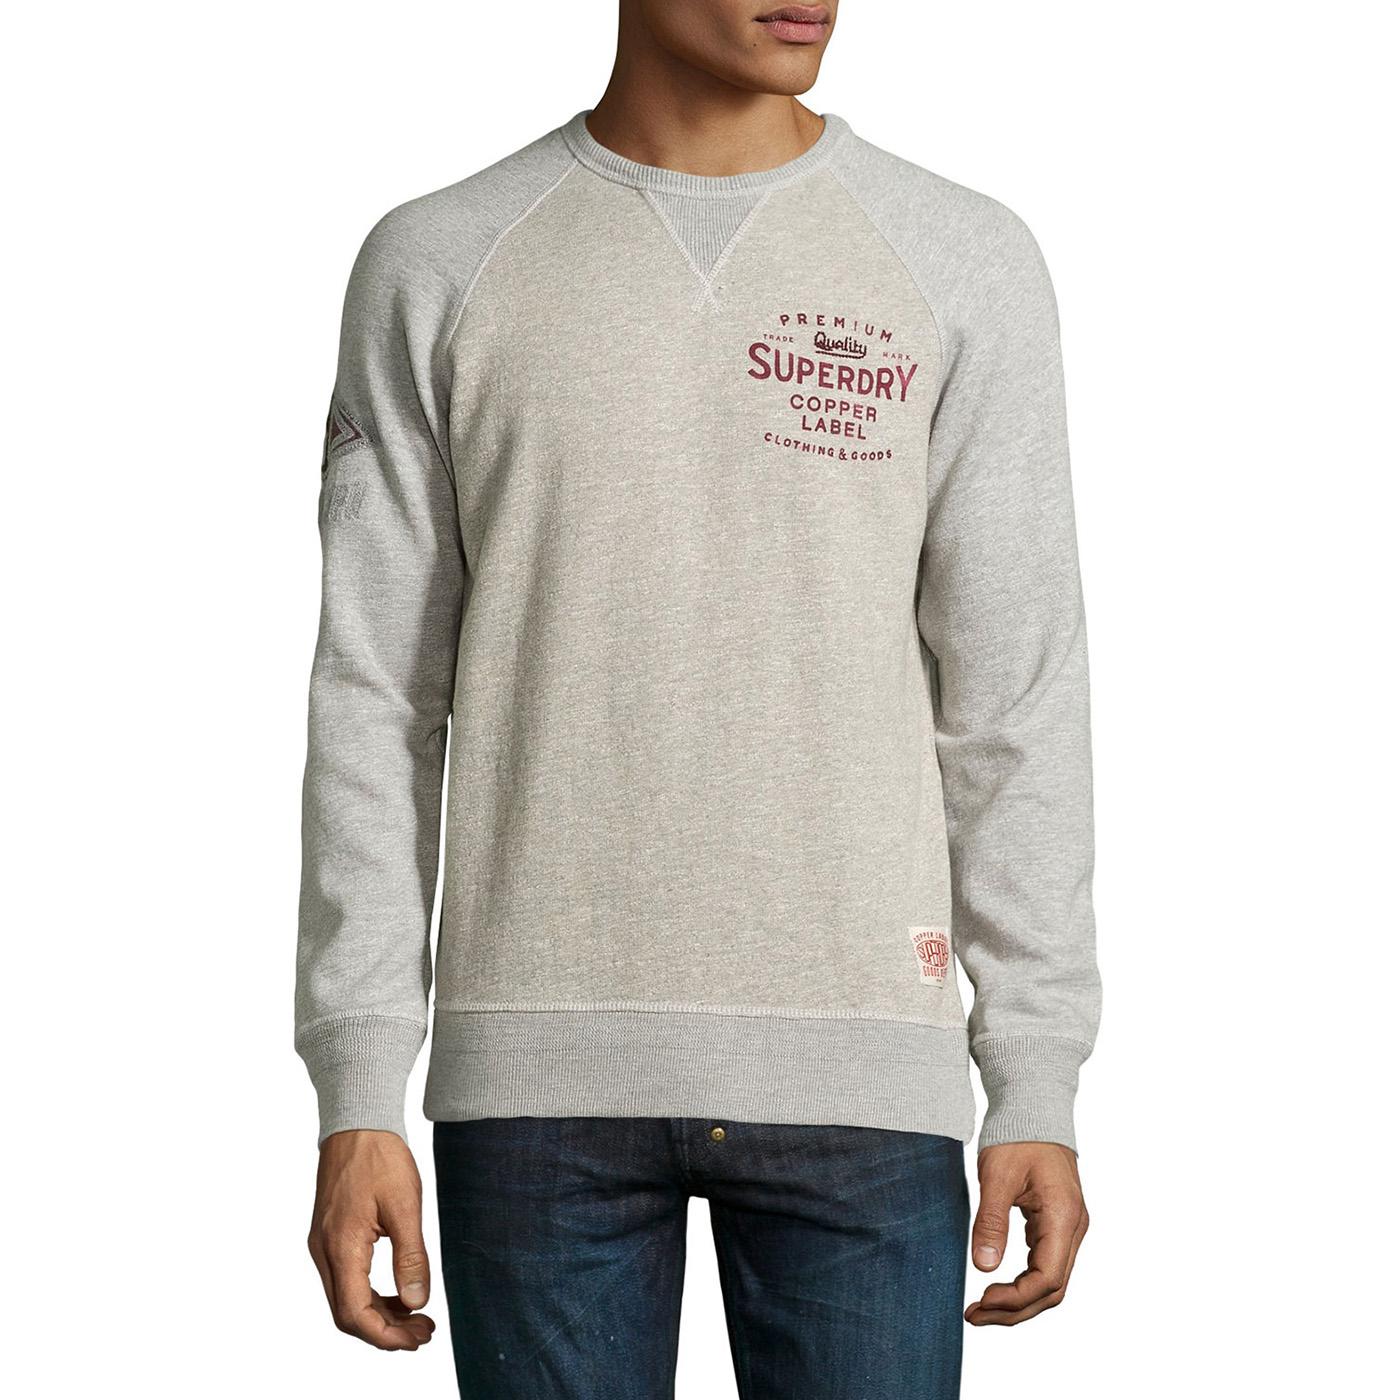 美國百分百【全新真品】Superdry 極度乾燥 T恤 T-shirt 大學T 長袖 鋪棉 復古 S號 灰色 F884